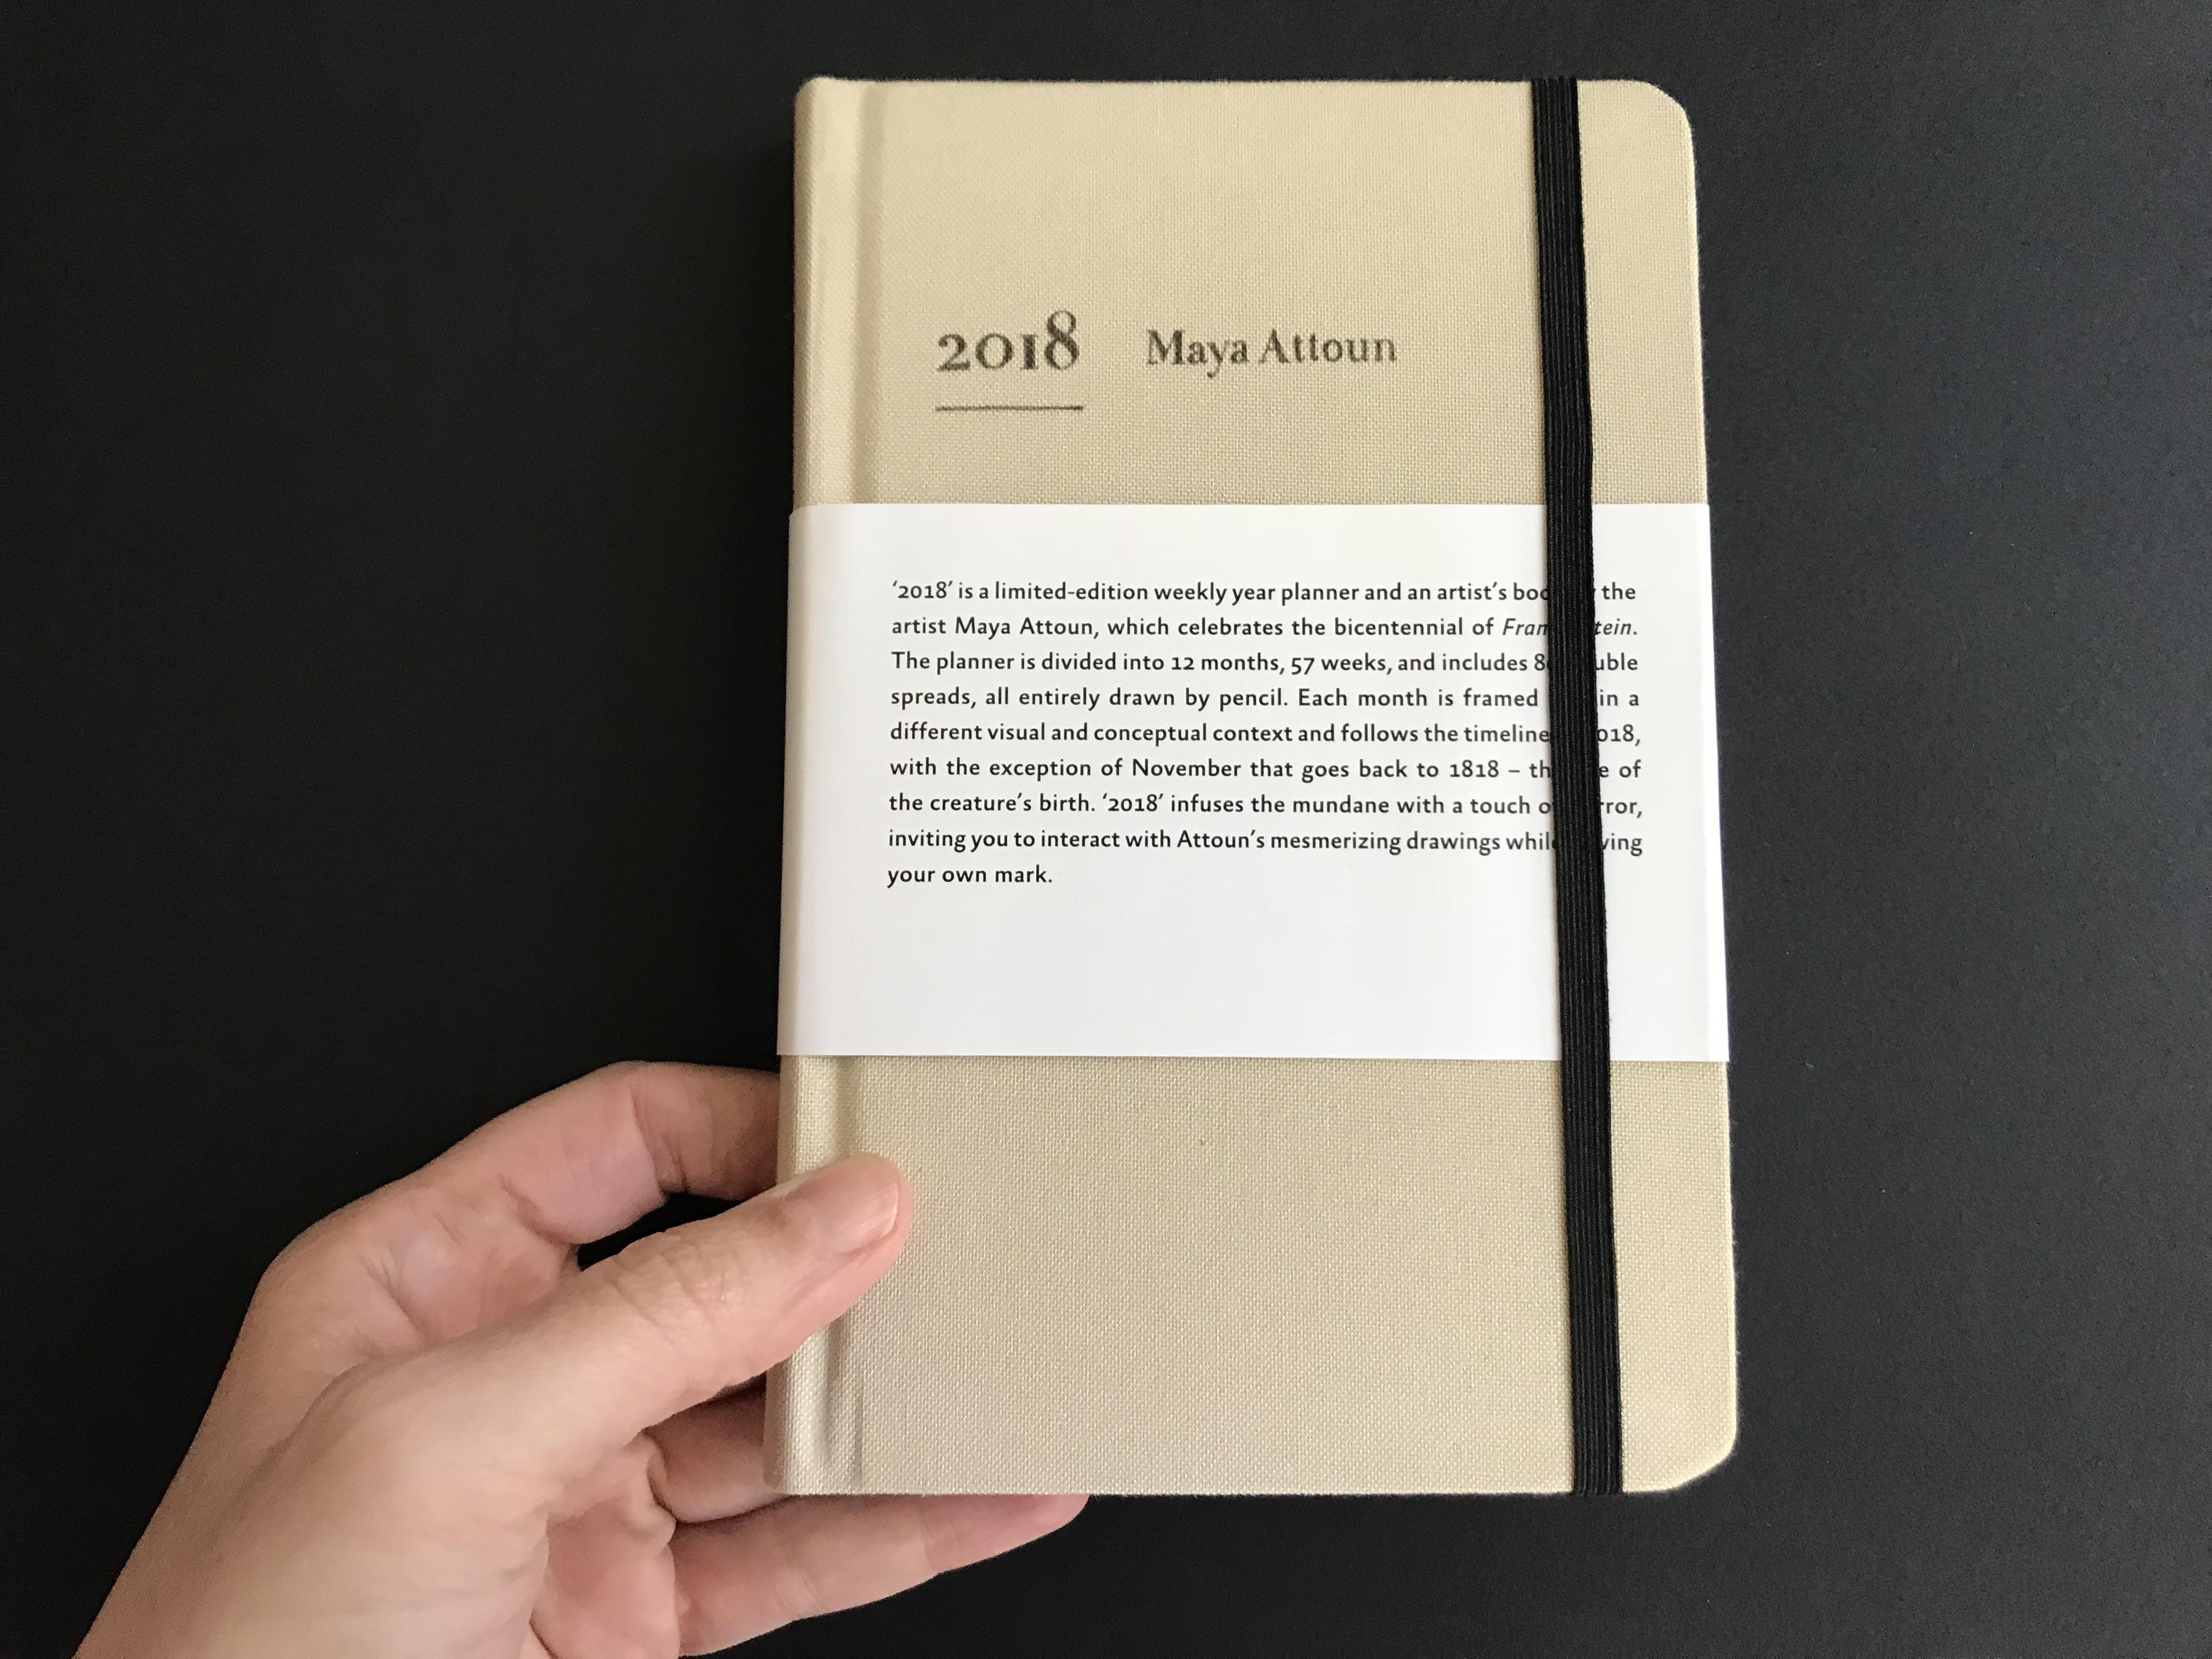 מאיה אטון, 2018 ספר אמן ויומן שבועי, 17X11 סמ (6)